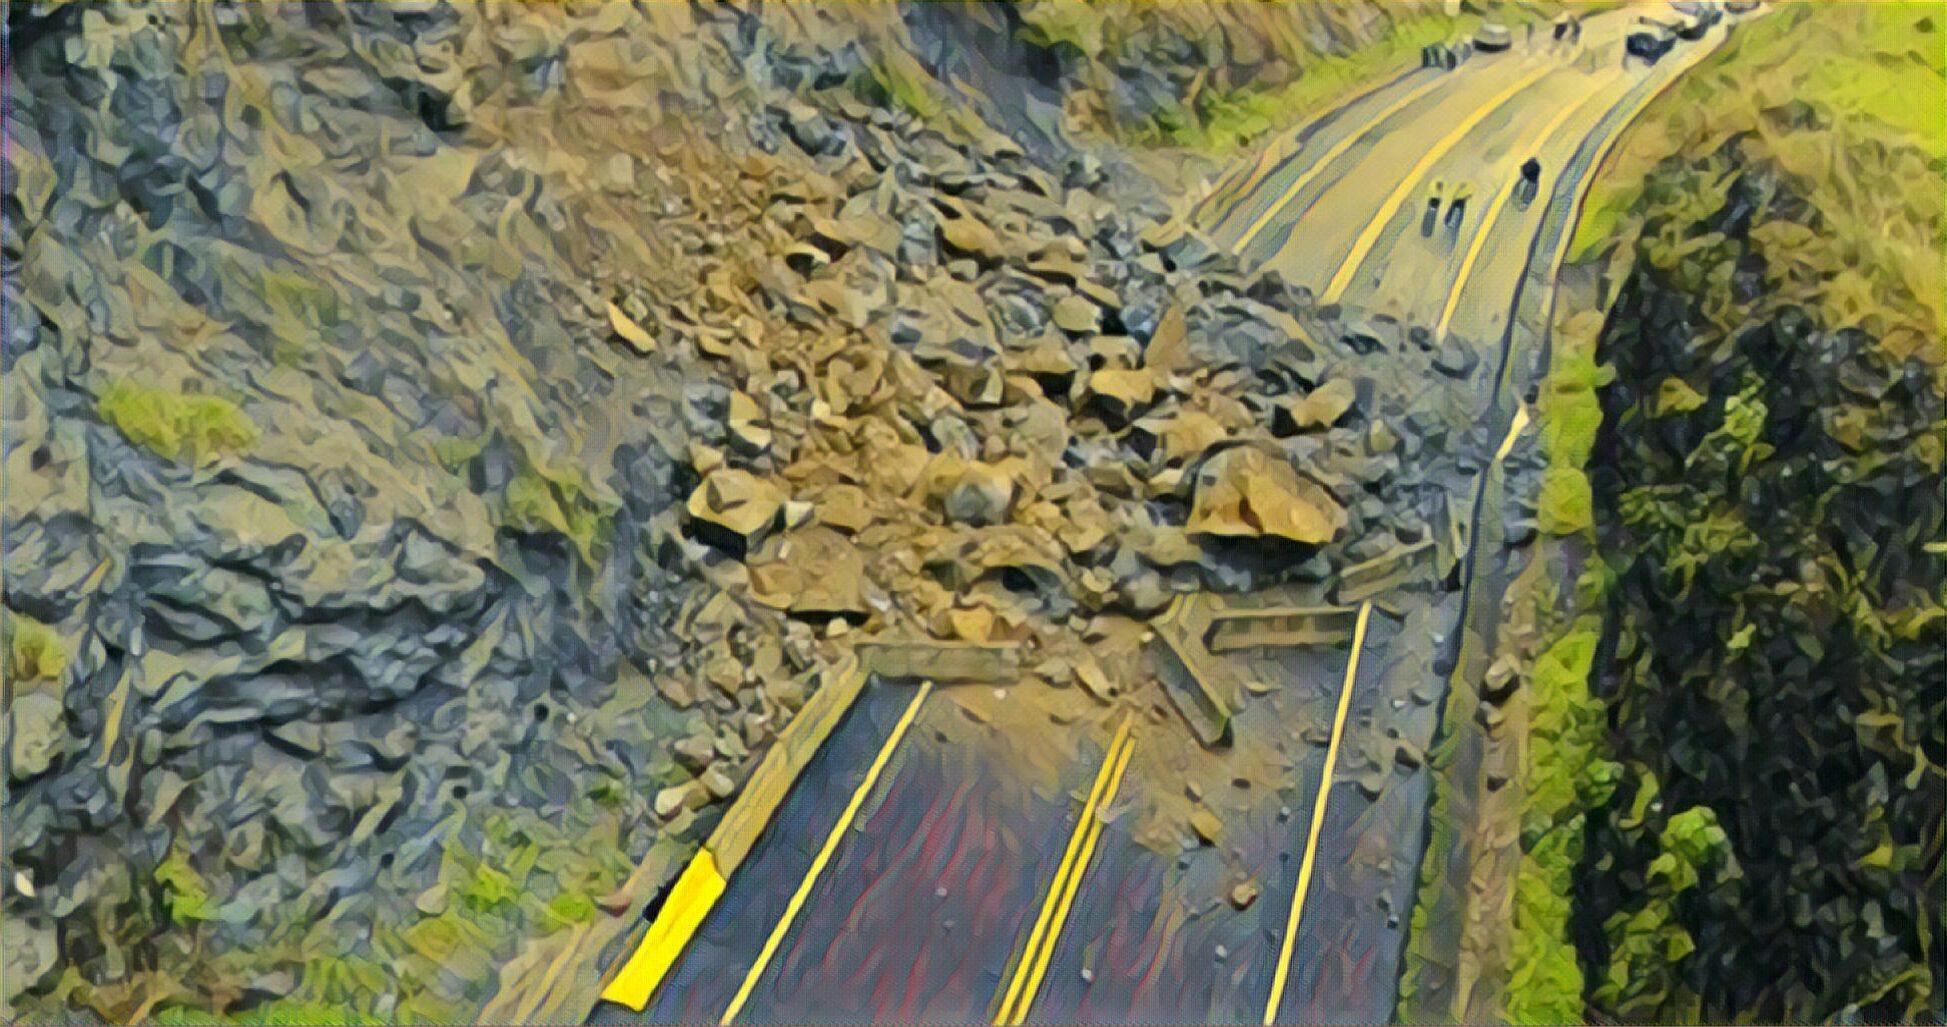 पर्वतको कुश्मा नगरपालिका–१ सहस्रधारामा पहिरो खस्दा मध्यपहाडी लोकमार्ग सडक अवरुद्ध